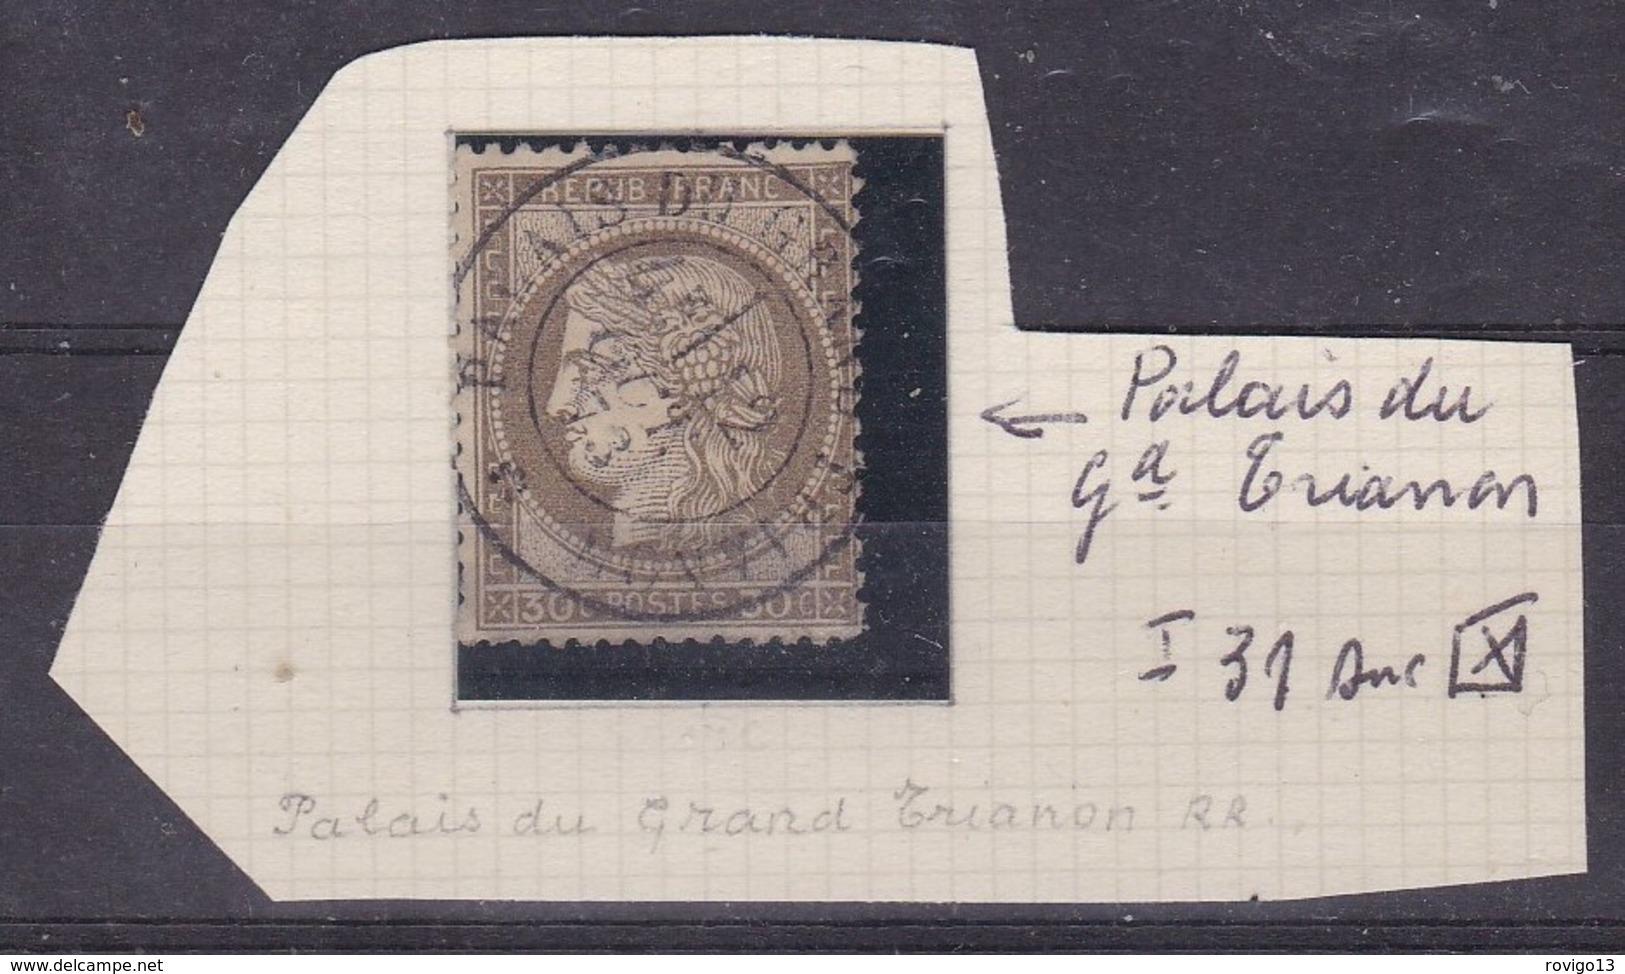 France - Yvert N° 56 Oblitéré Càd Palais Du Gd Trianon - Rare (indice 31 Sur Lettre) - Marcophily (detached Stamps)